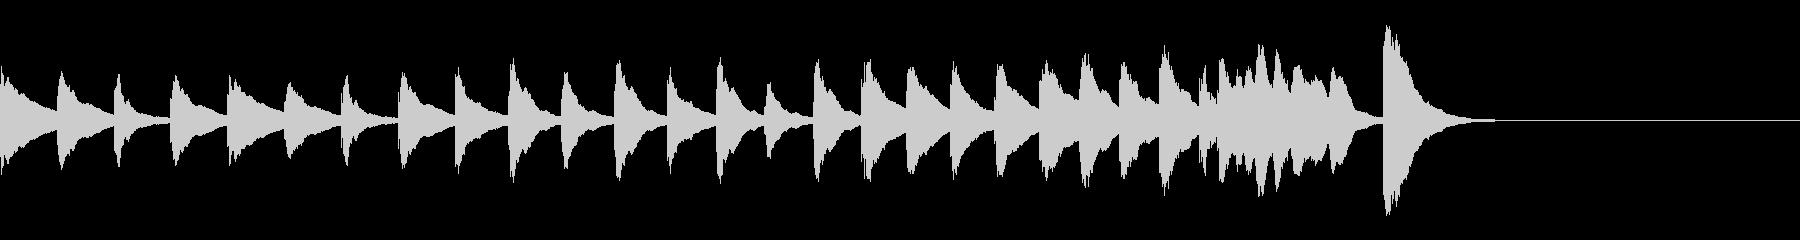 ふしぎなフシギな感じの木琴の8秒の曲の未再生の波形